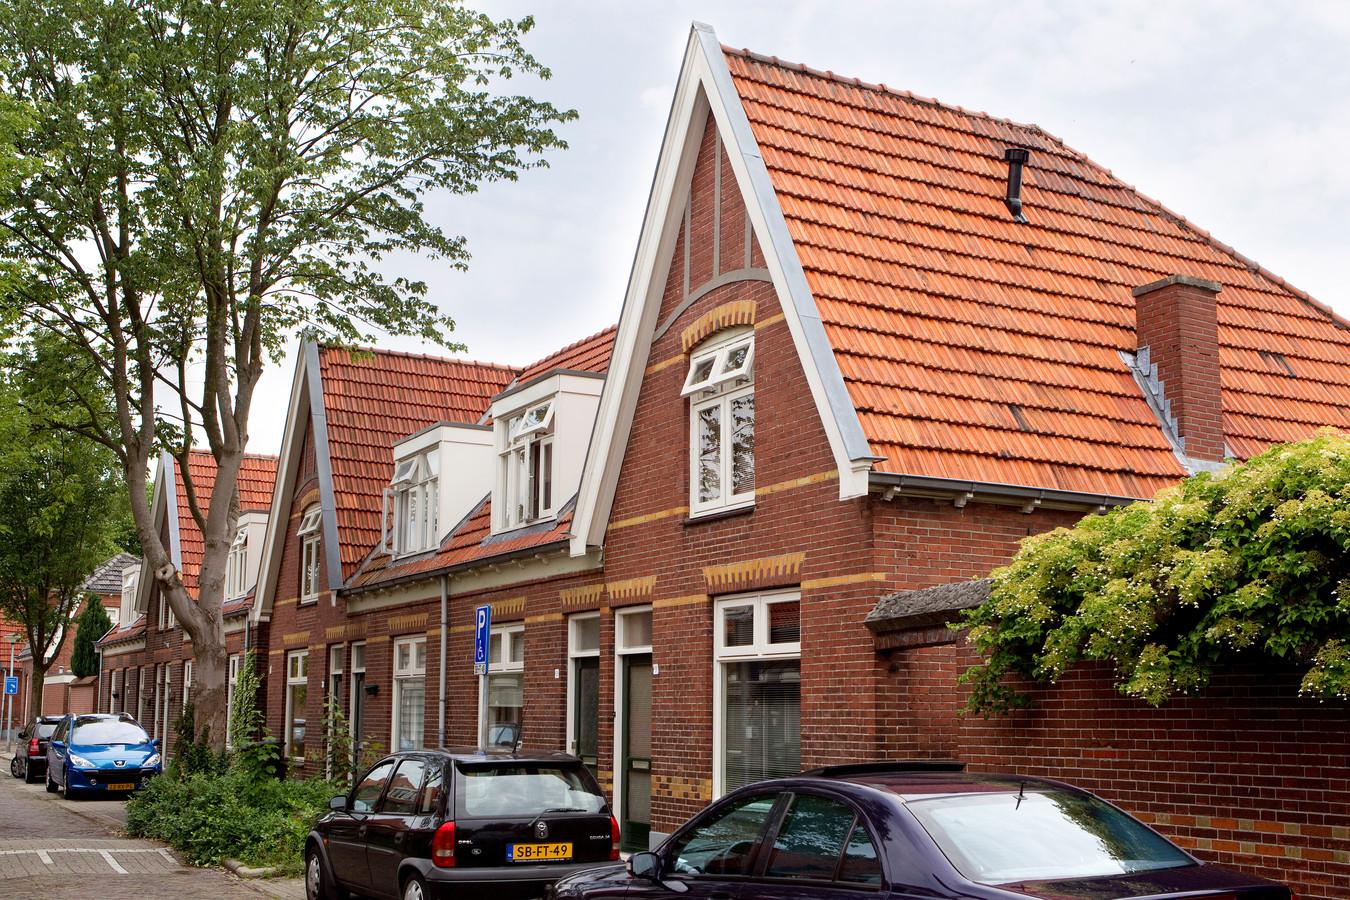 Corporatie St. Joseph deed onlangs een verduurzamingsproject aan Vellekatelaan in Almelo